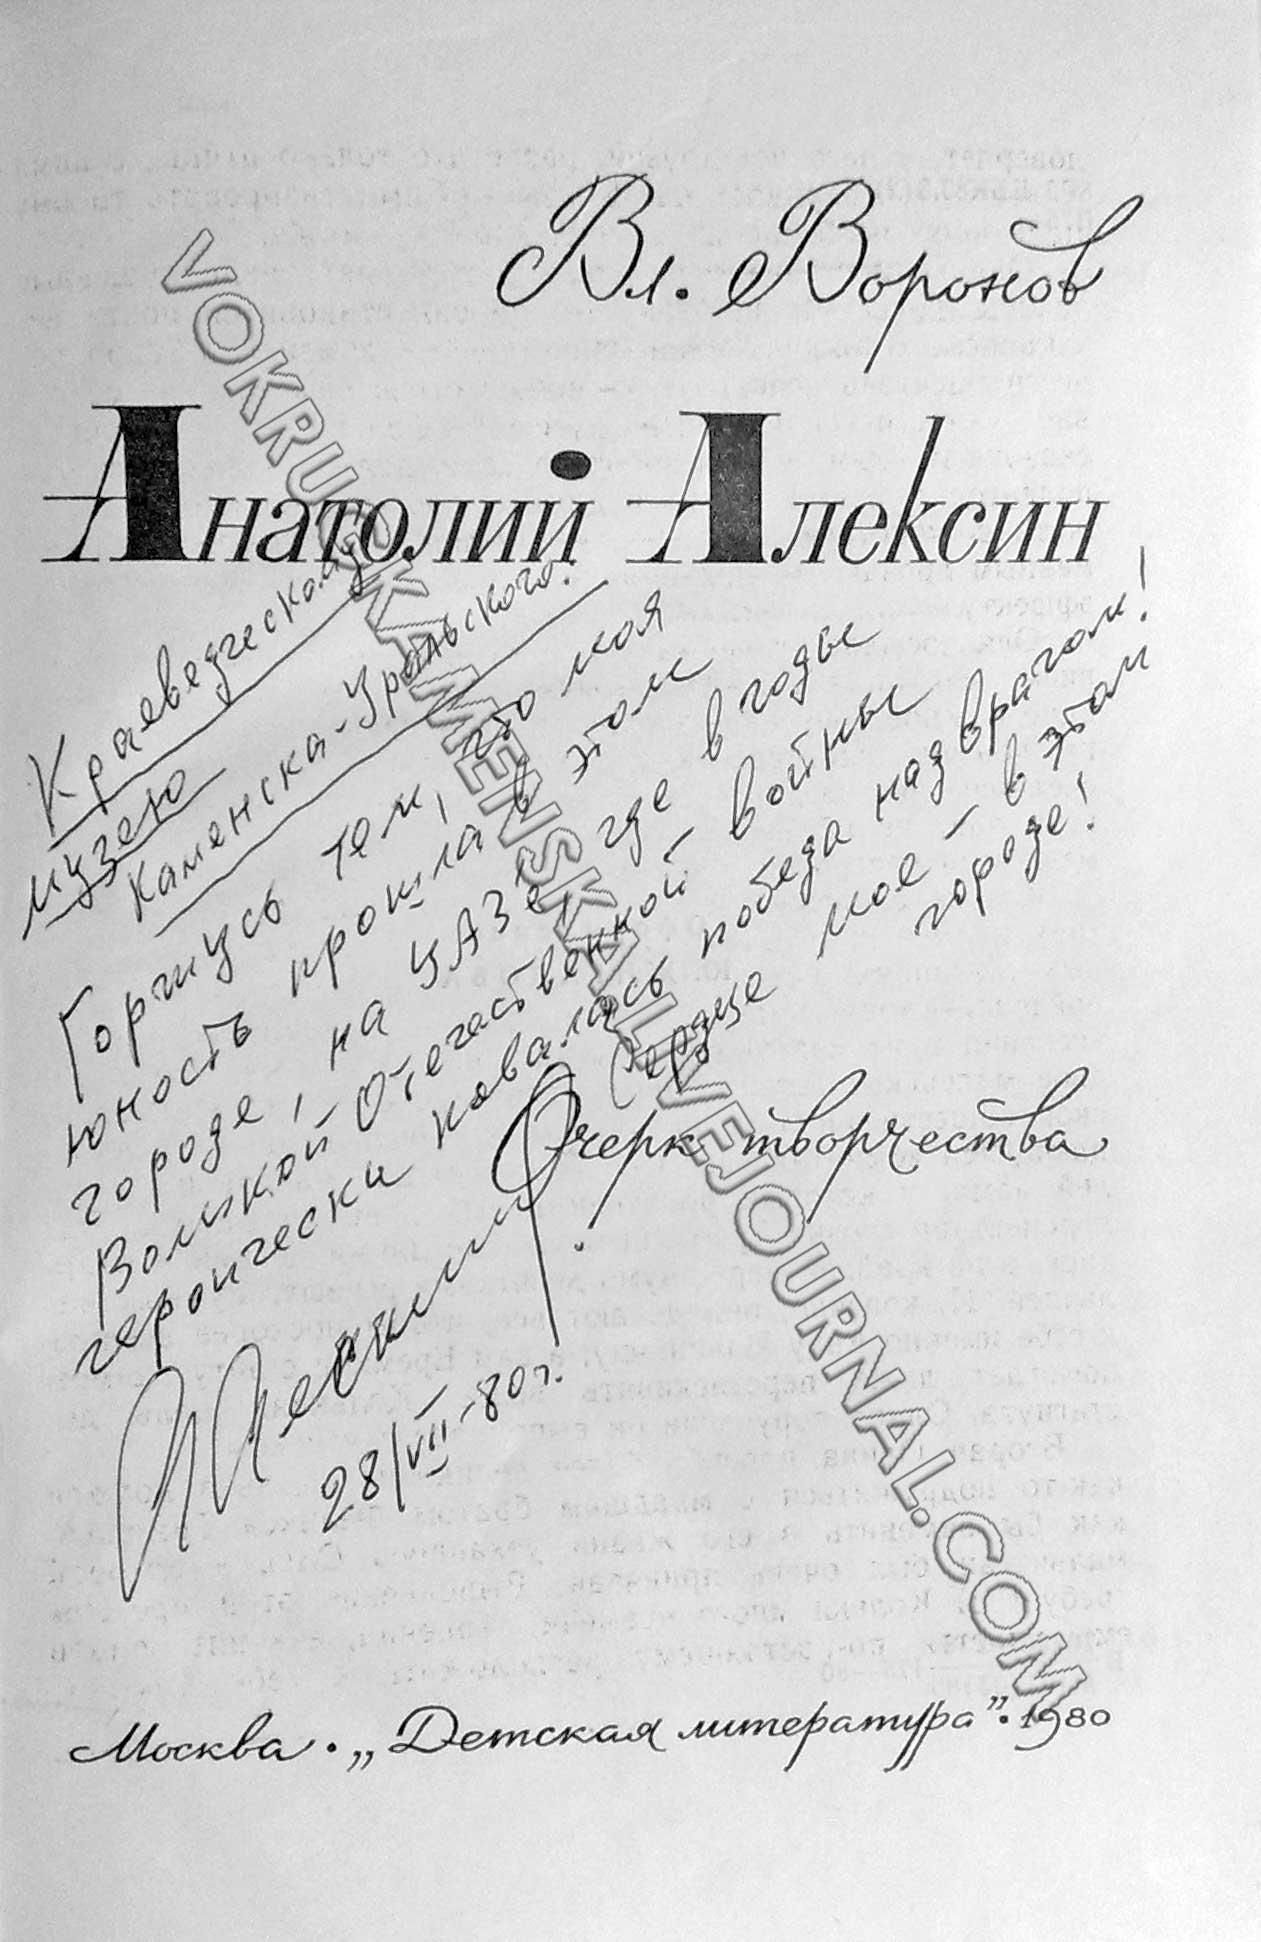 Автограф Алексина.